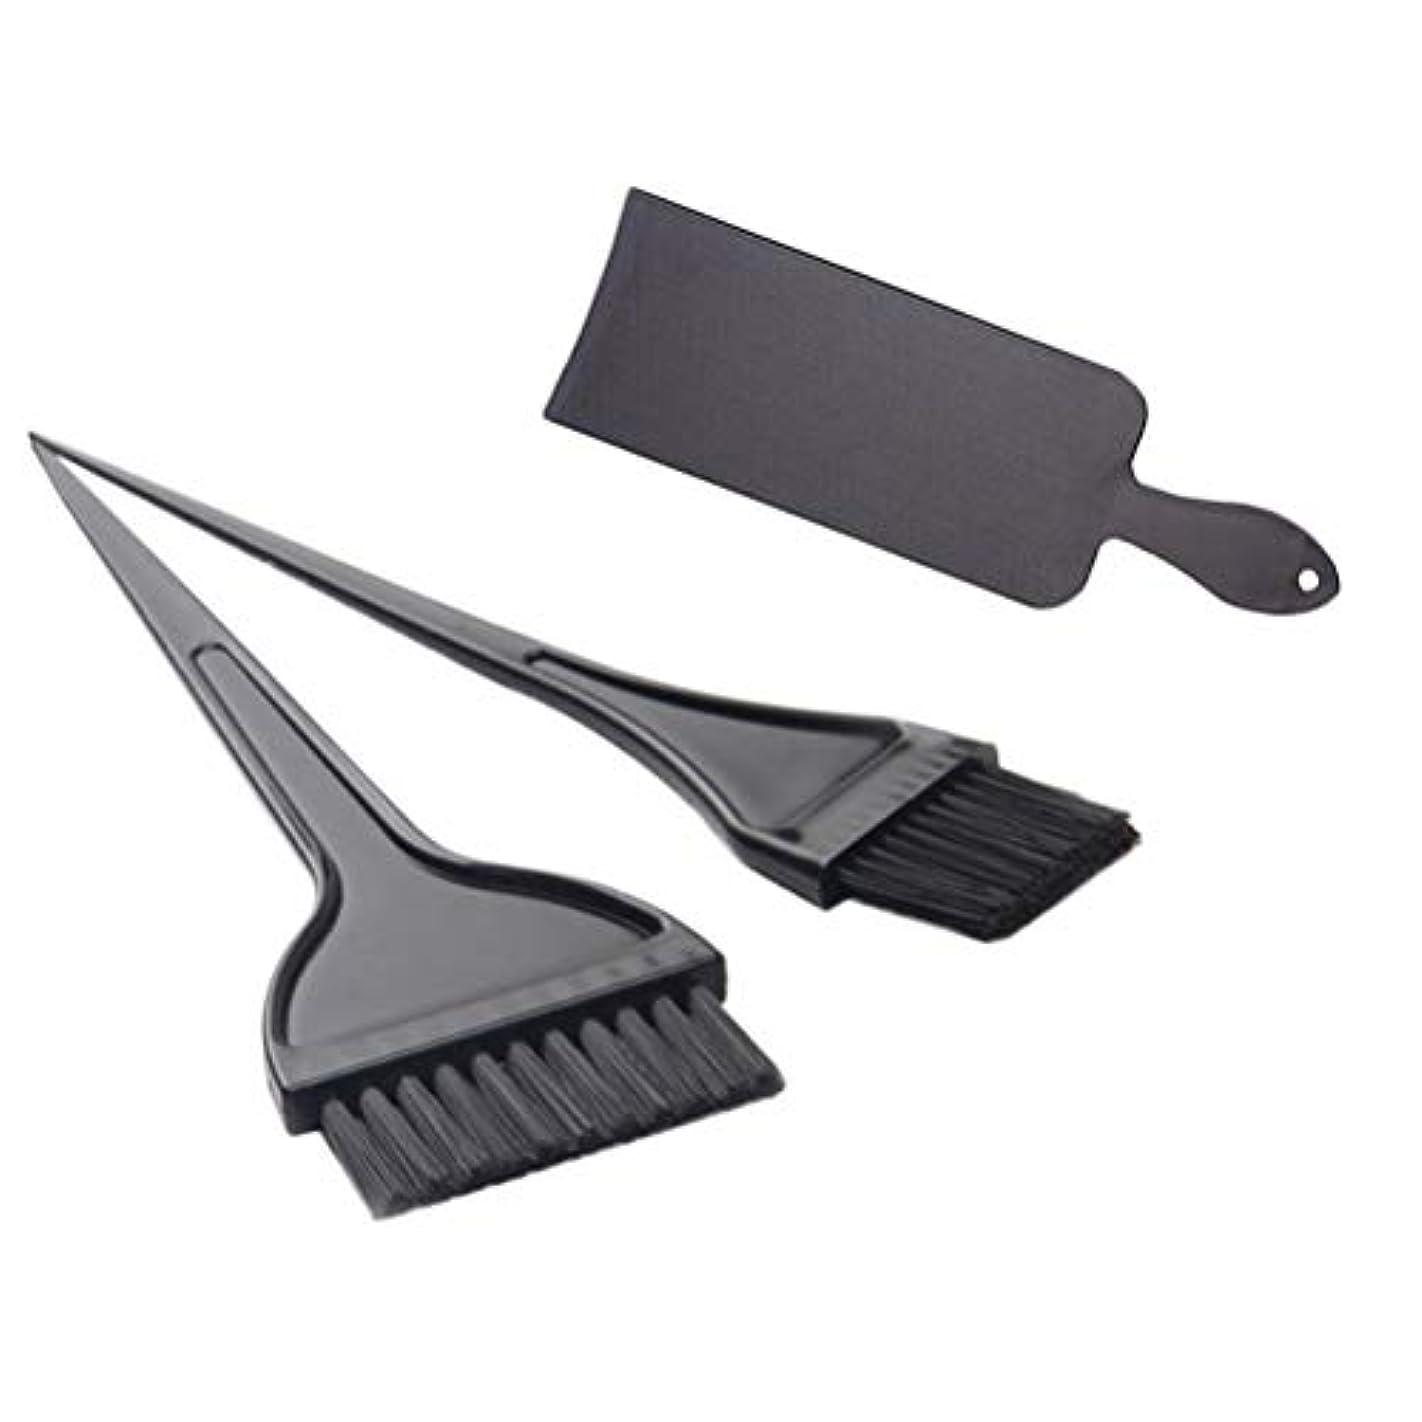 橋脚ライオネルグリーンストリートリビジョンHealiftyヘア染色ブラシプレートプロフェッショナルカラーリングアプリケータツールキットヘアブリーチティンティングブラシツール3ピース